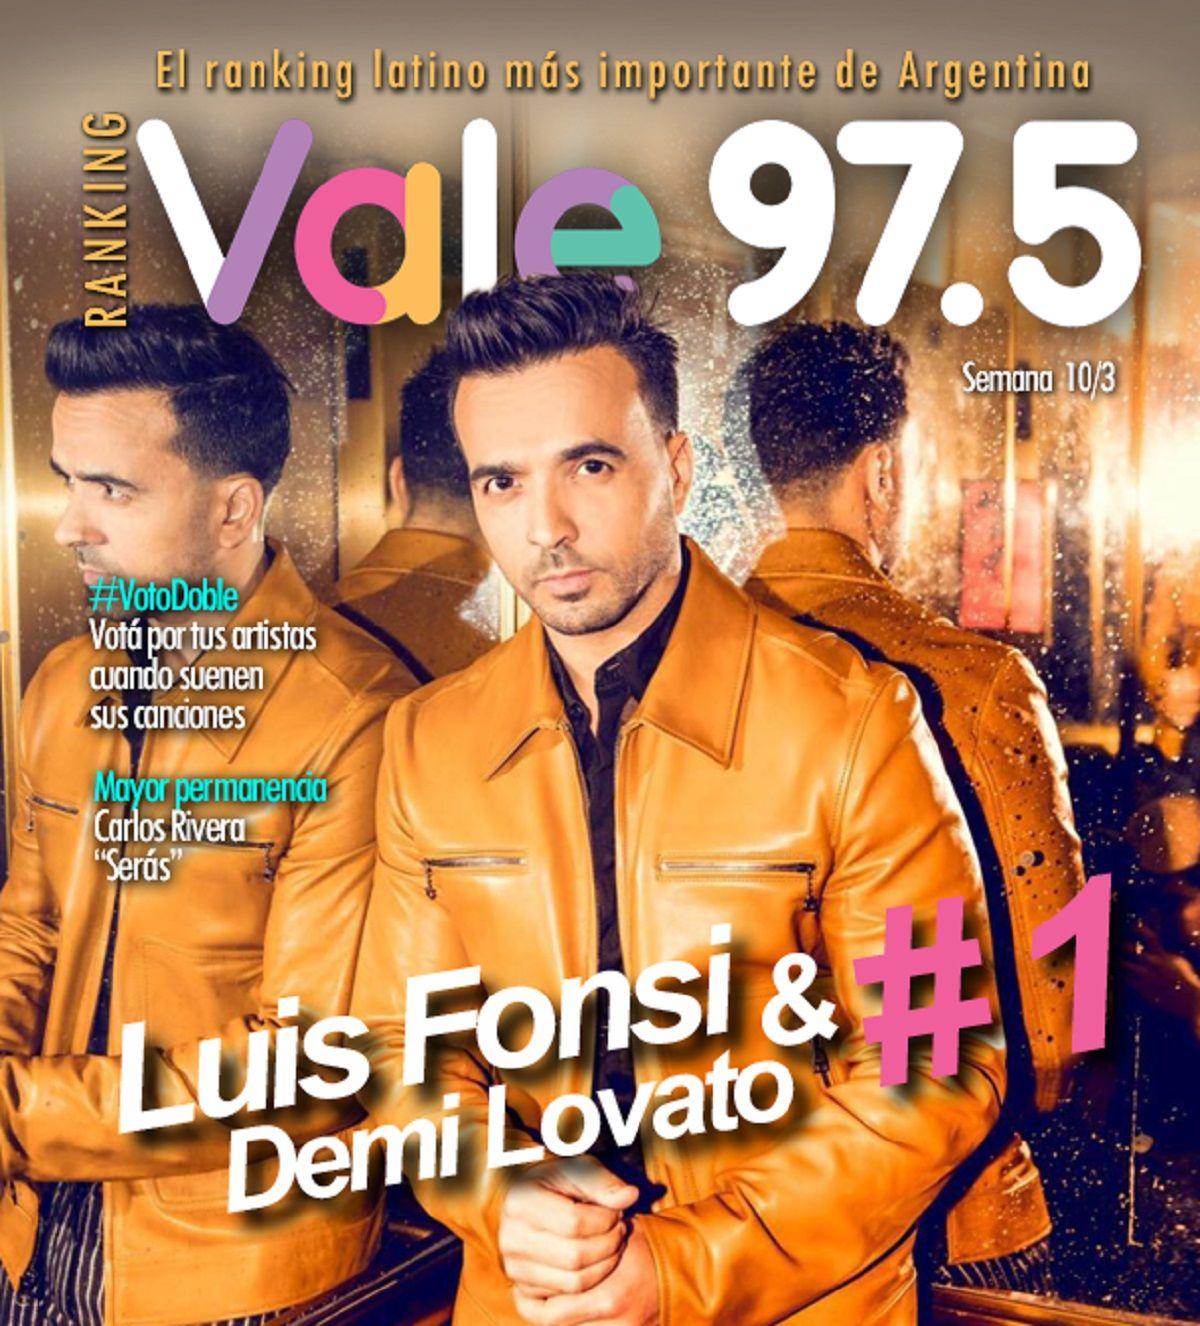 Luis Fonsi y Demi Lovato, reyes del Ranking Vale